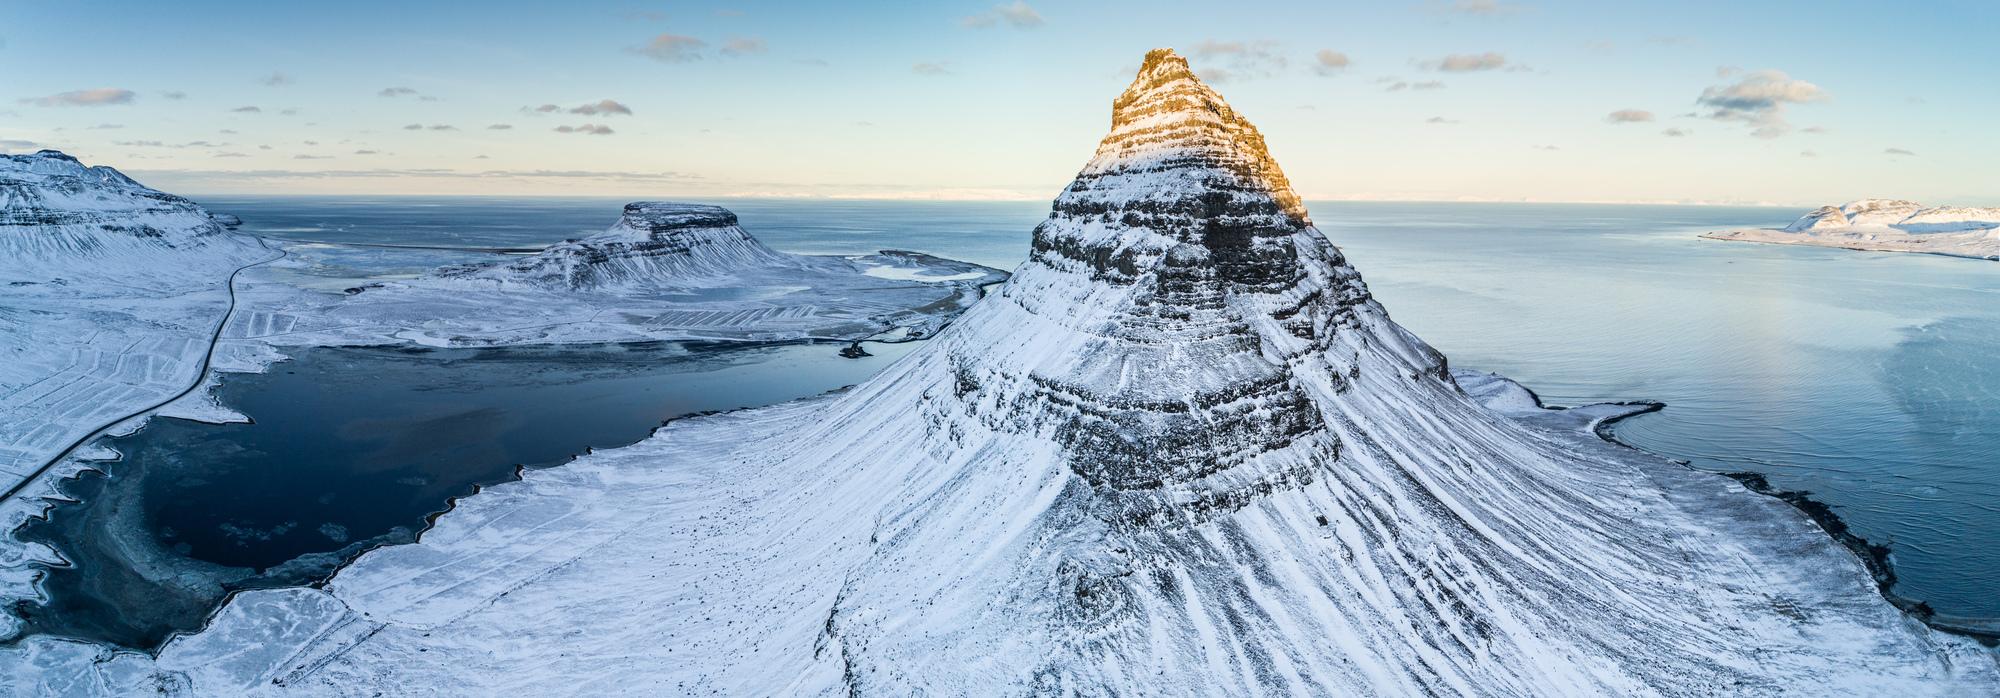 アイスランドのスノーモービル・ツアー